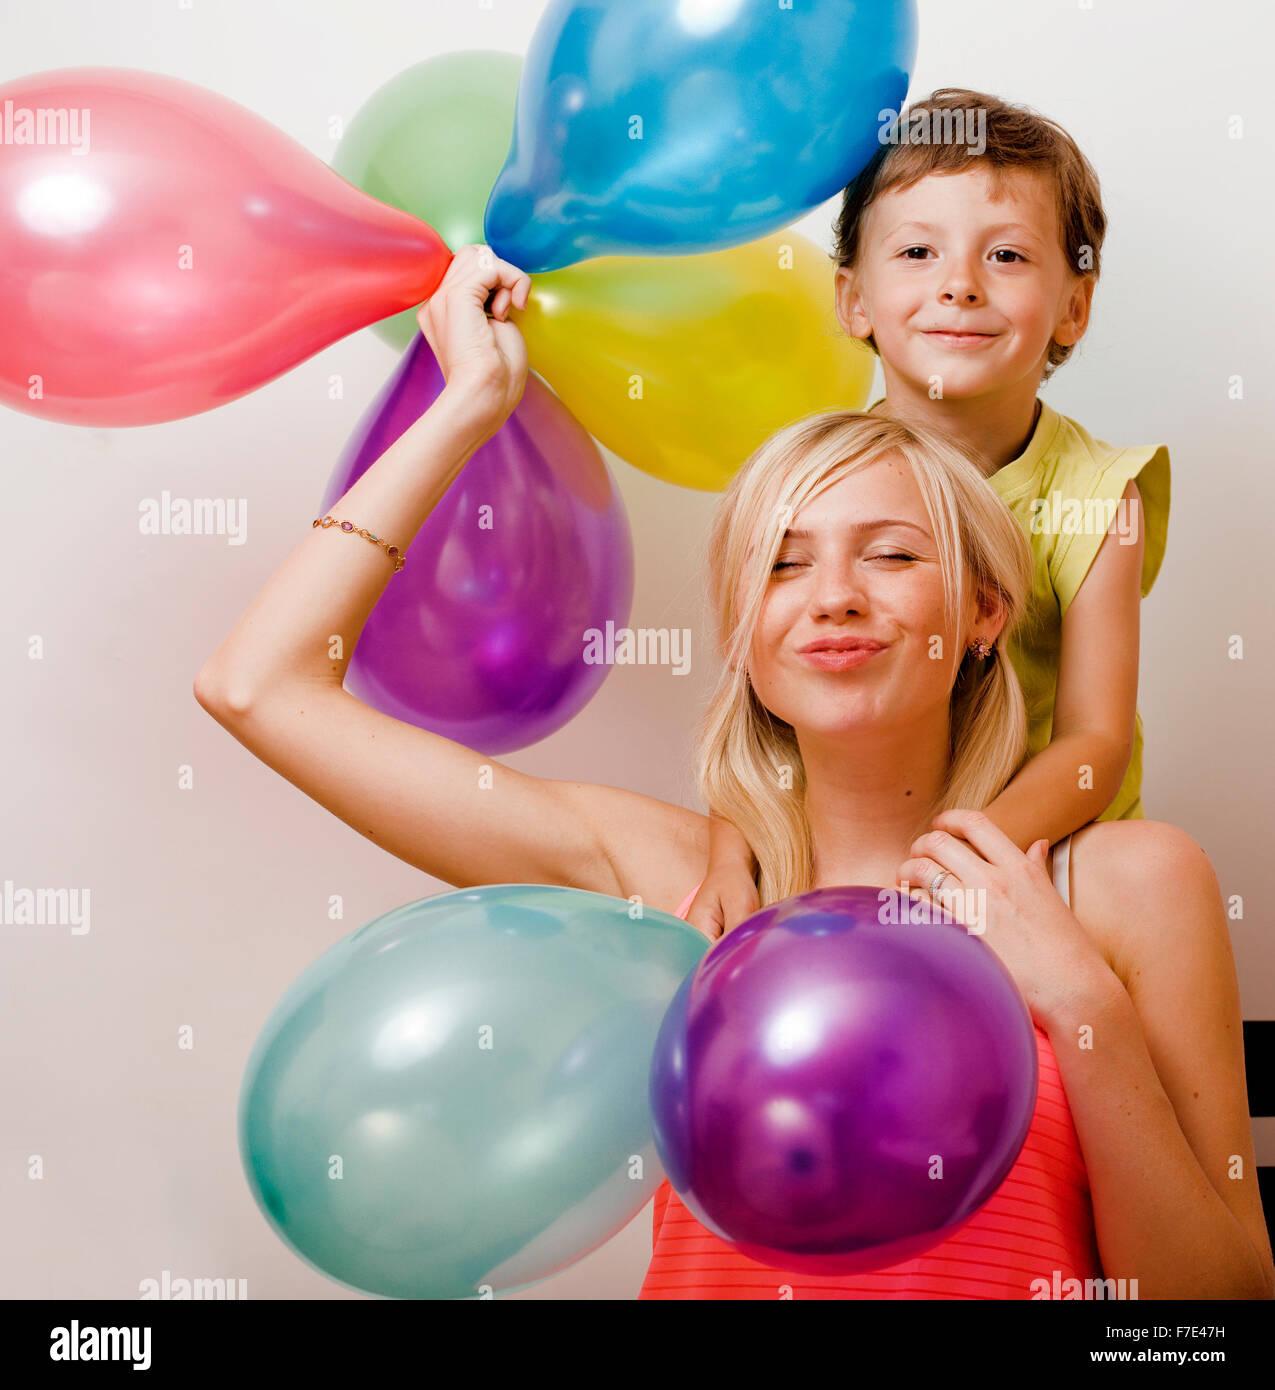 ziemlich real Familie mit Luftballons Farbe auf weißem Hintergrund, blonden Frau mit kleinen Jungen Geburtstagsparty Stockbild